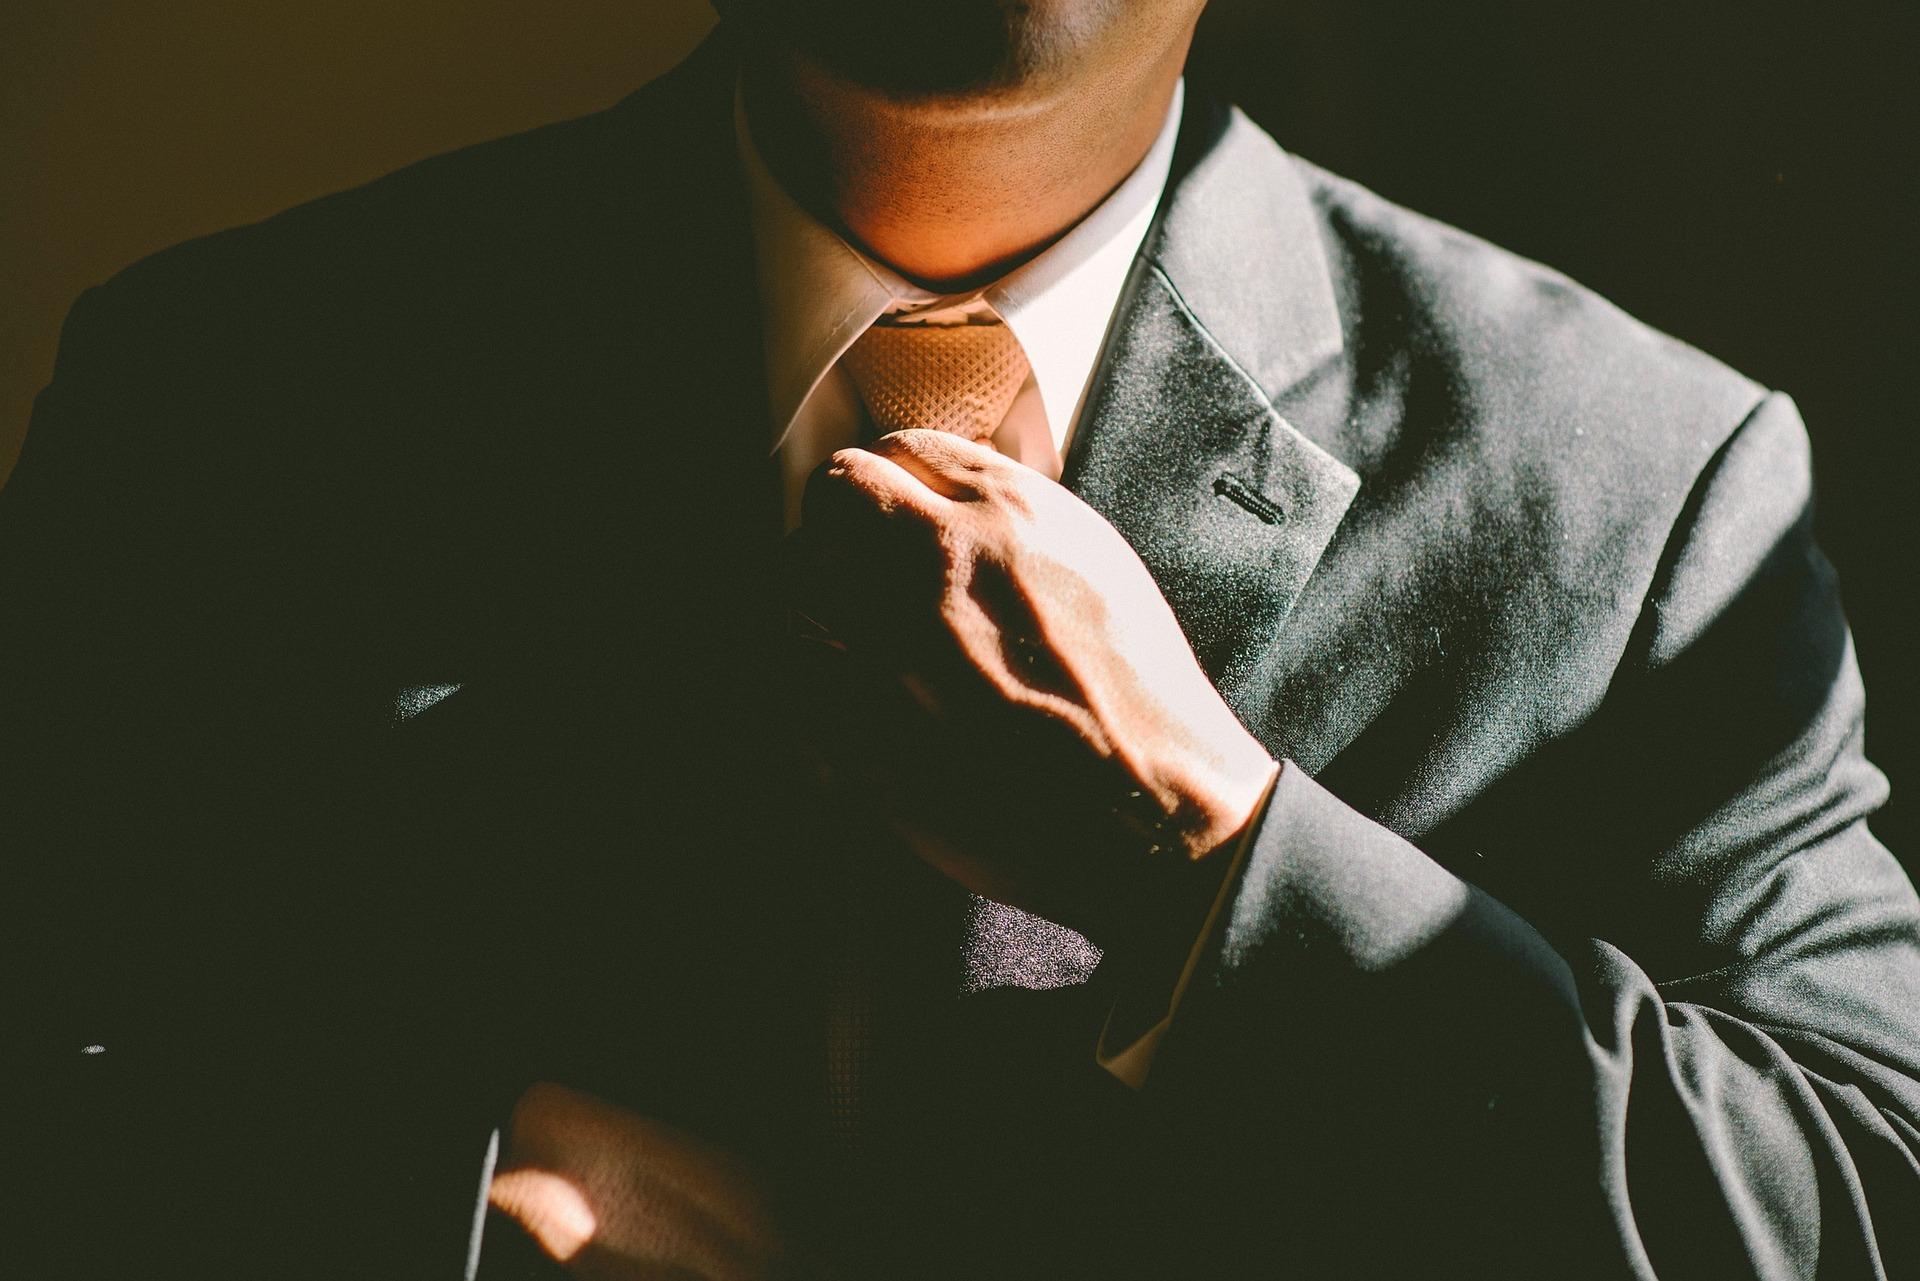 Les points essentiels pour votre tenue vestimentaire au travail 4